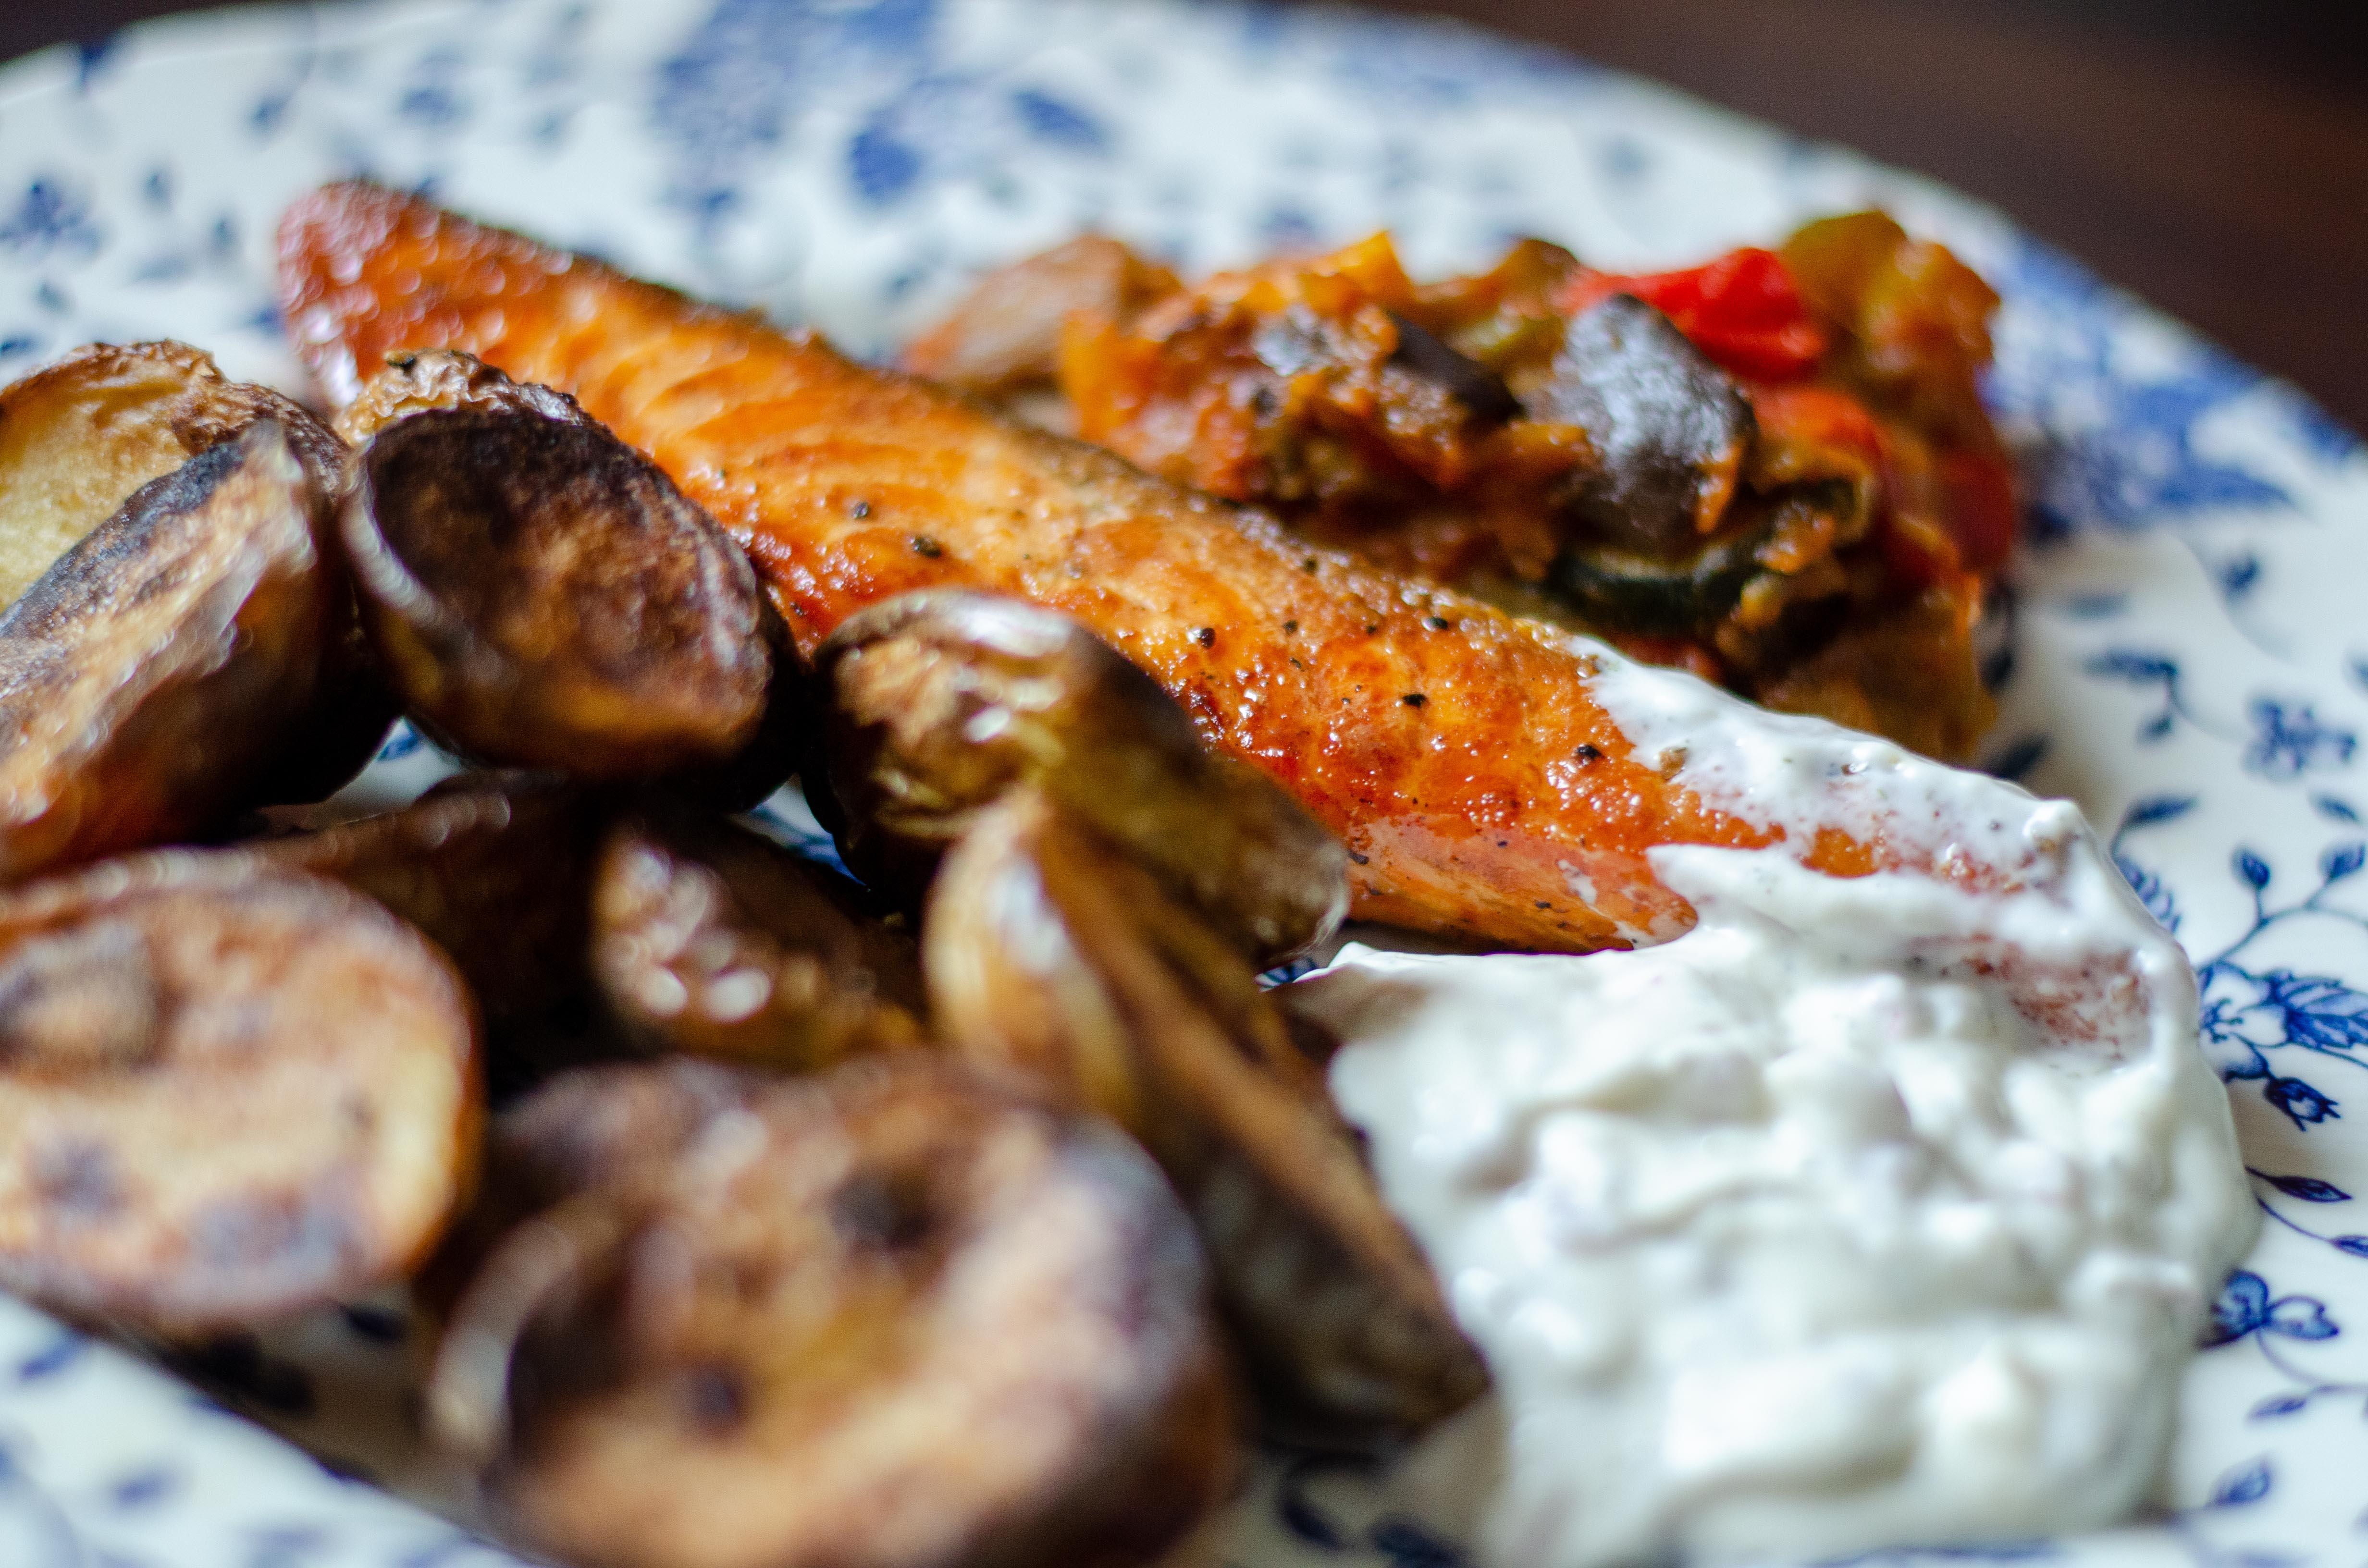 Saumon au four et pommes de terre grenaille rôties, sauce au mélange nordique